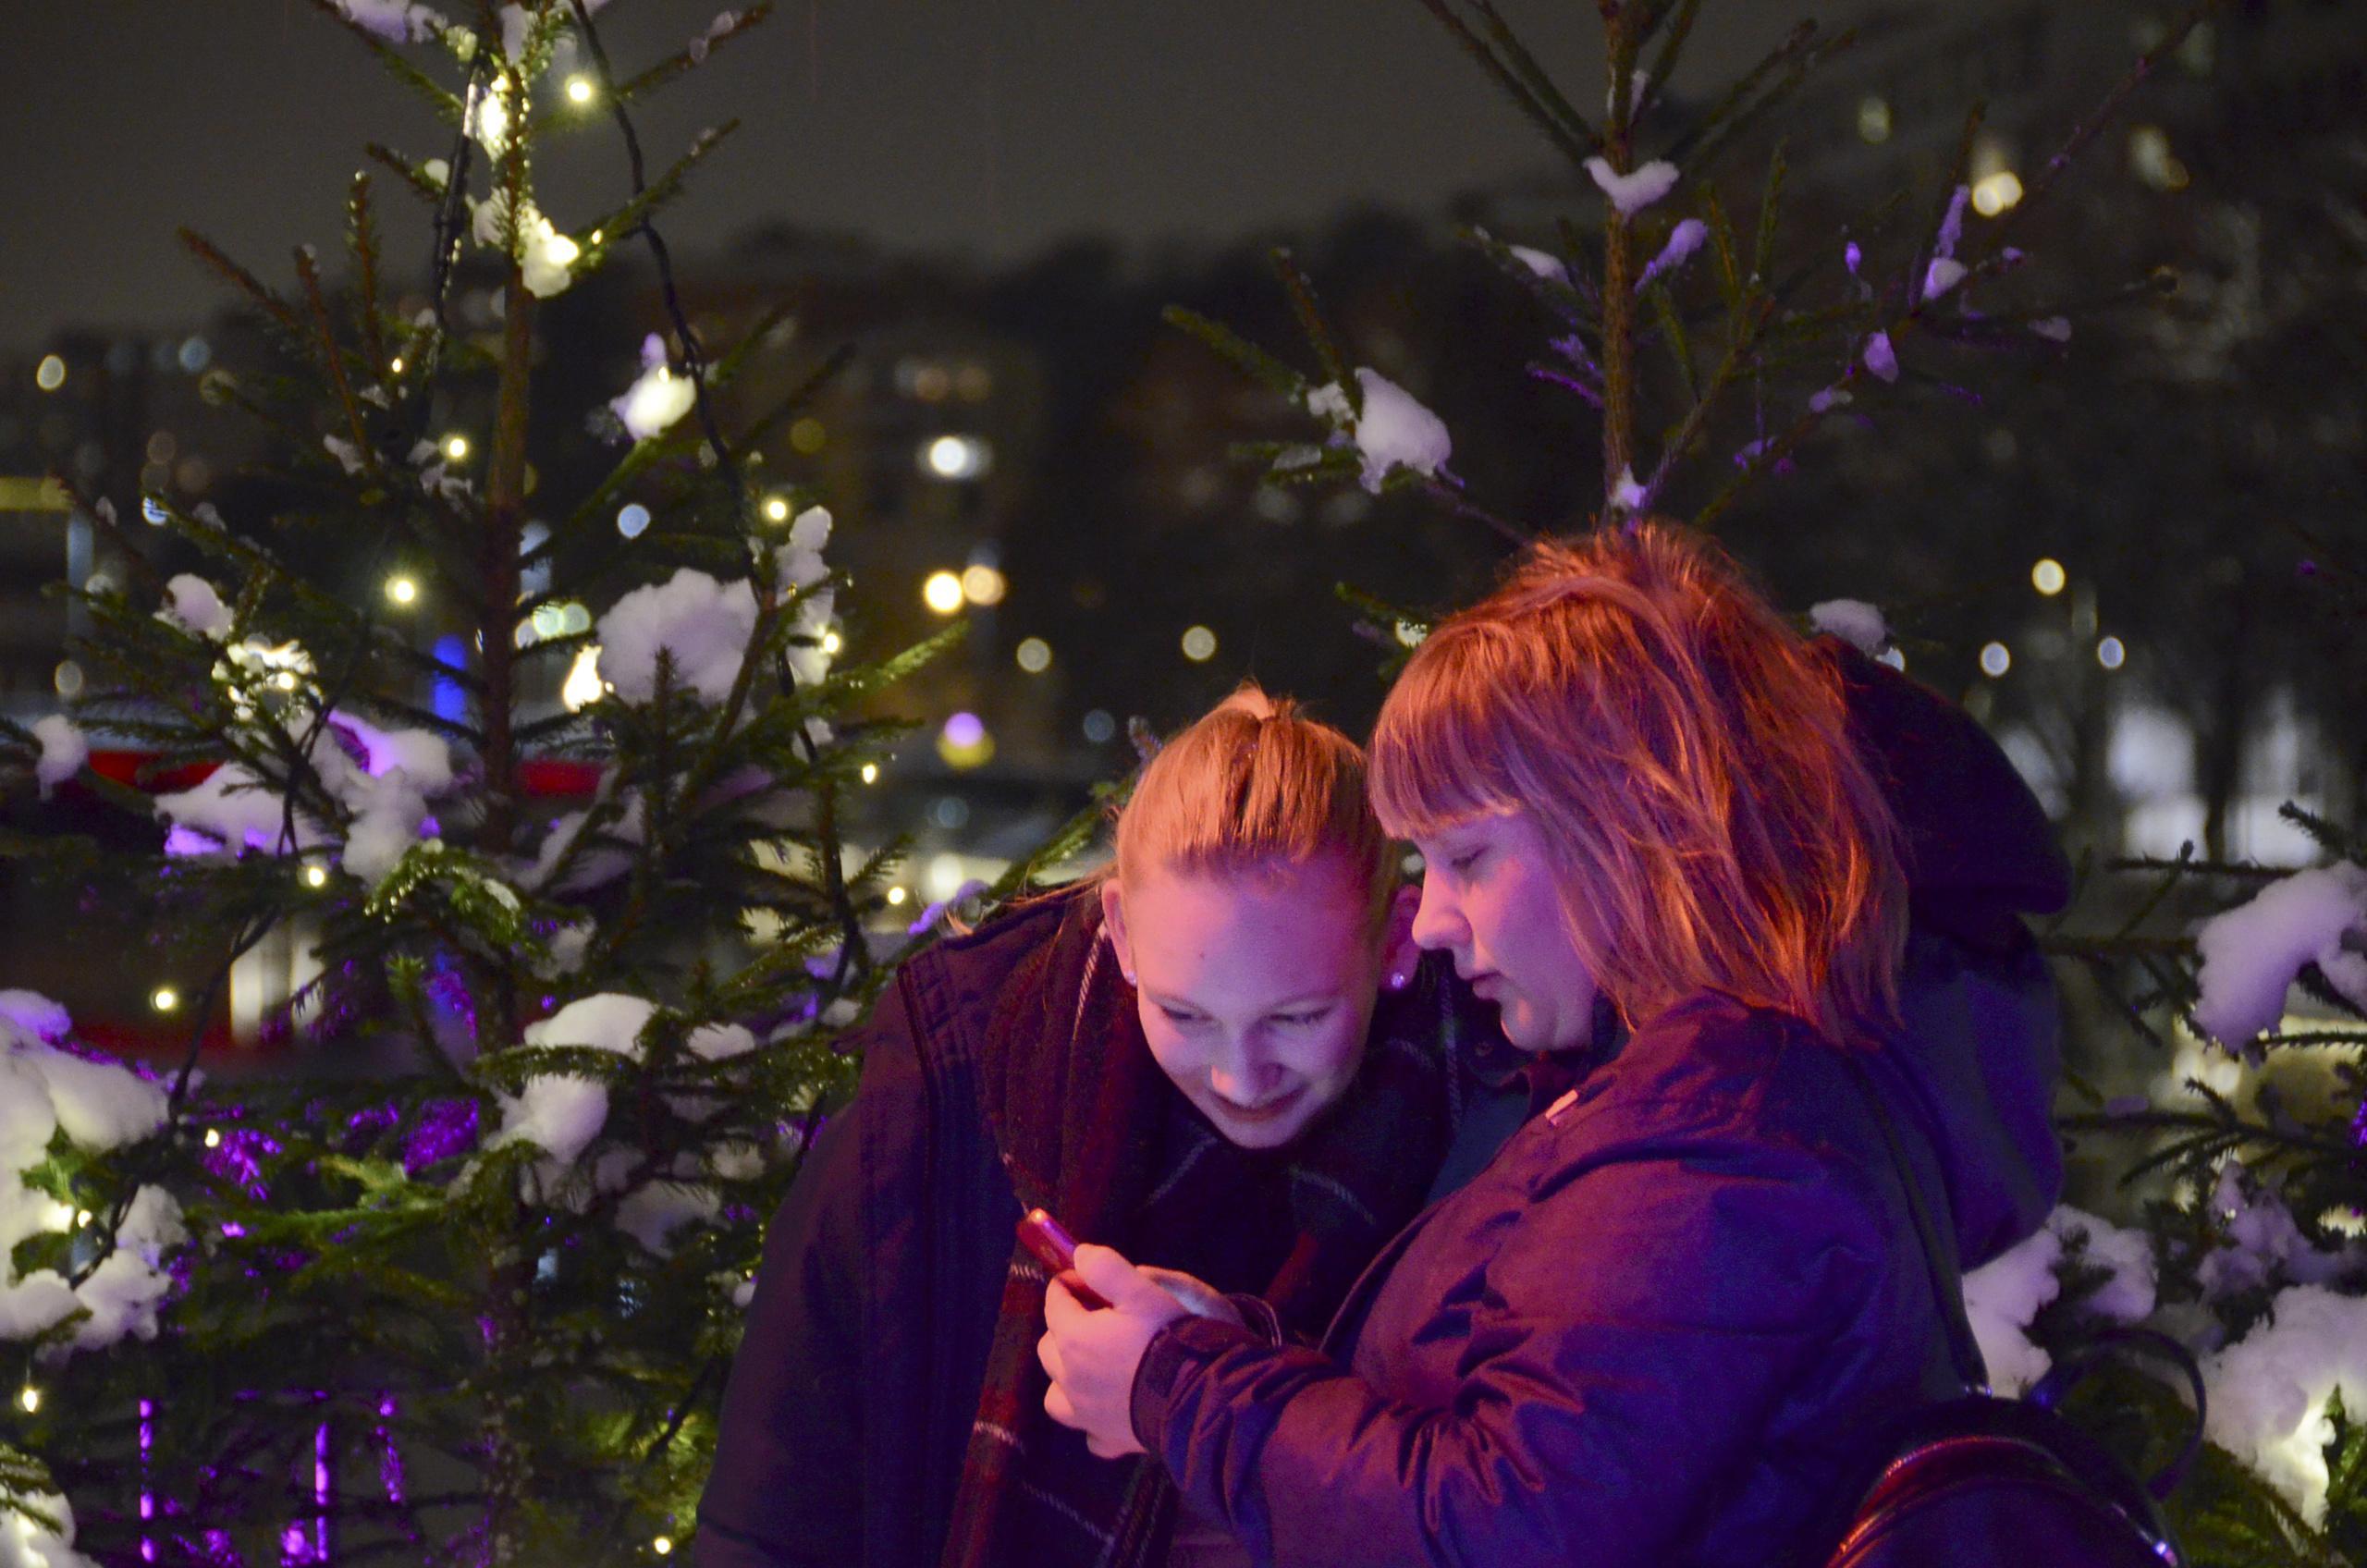 Teatterisilta talvivalaistuksessa, nuoret henkilöt tutkivat puhelintaan.